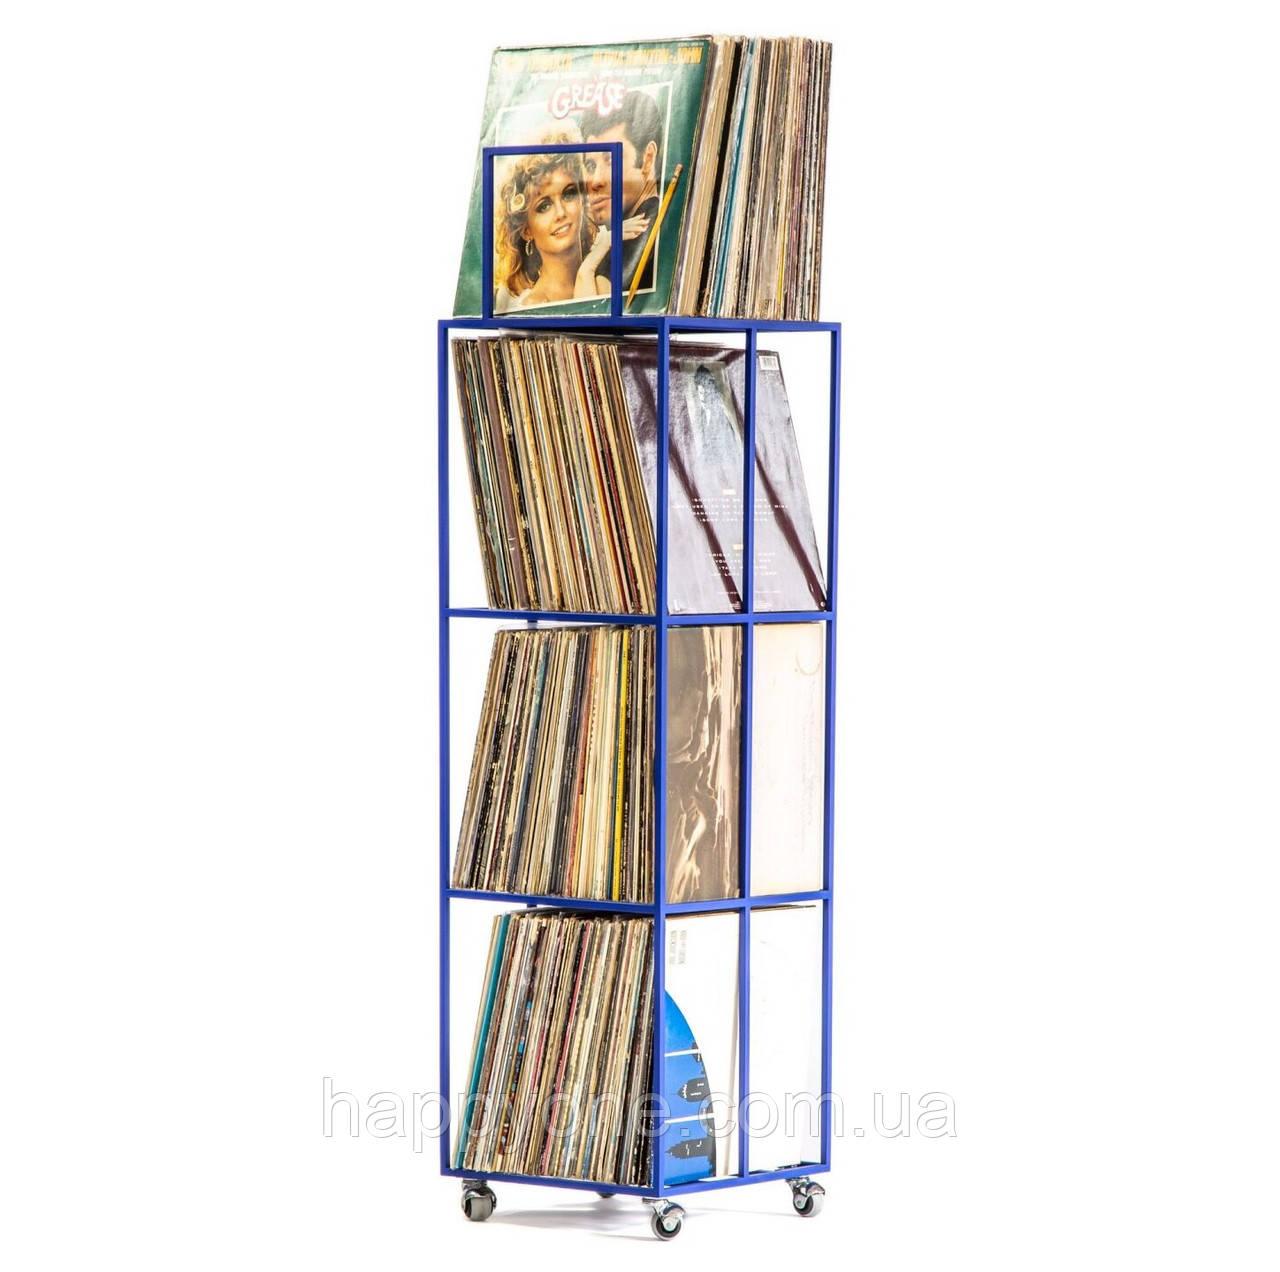 Металевий контейнер для зберігання пластинок 4-х поверховий (синій)